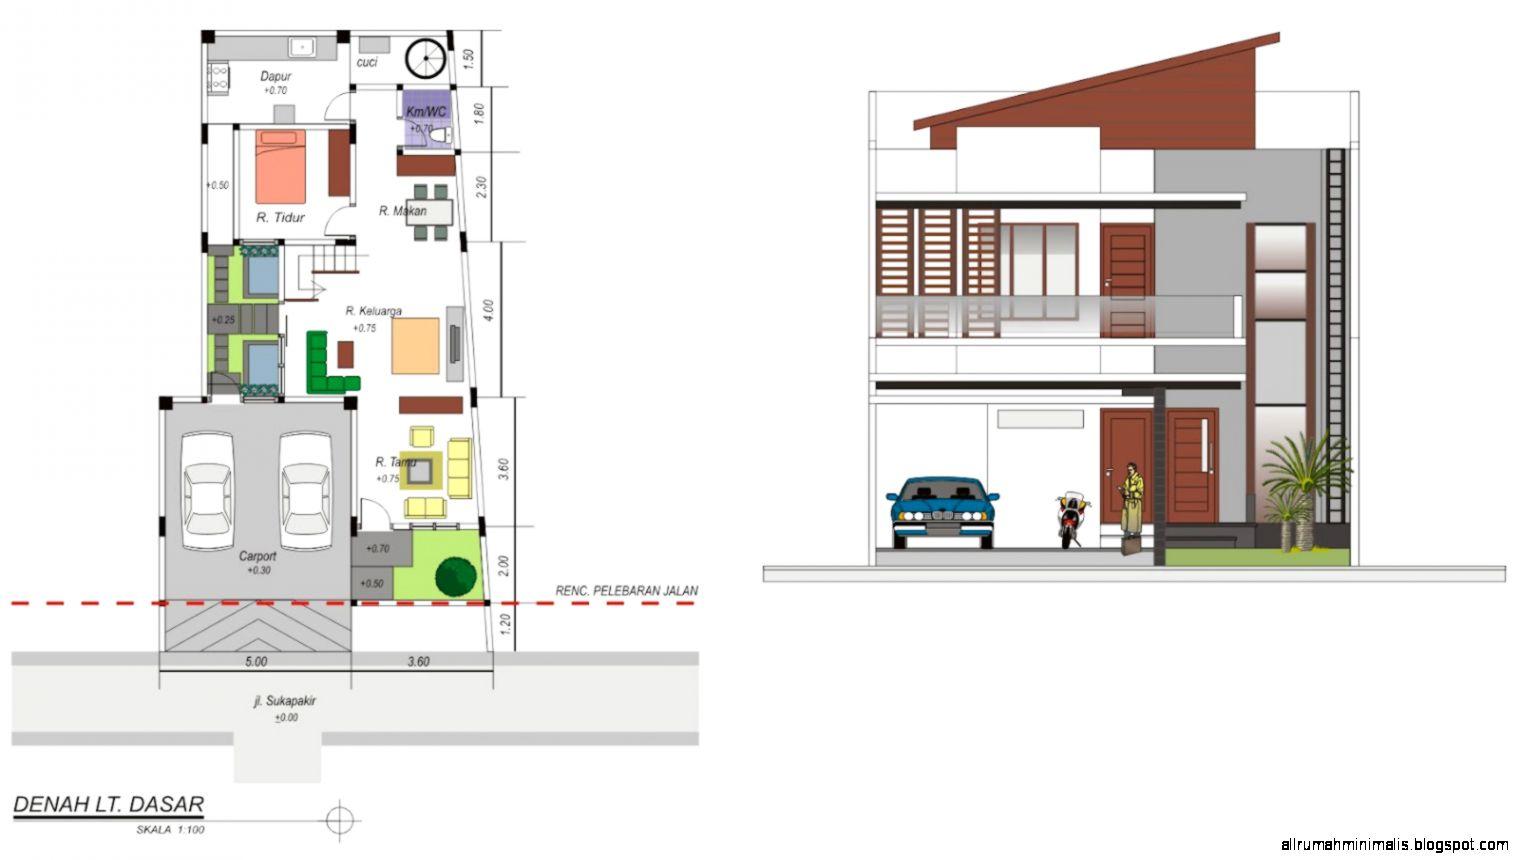 Denah Dan Tampak Rumah Minimalis | Design Rumah Minimalis